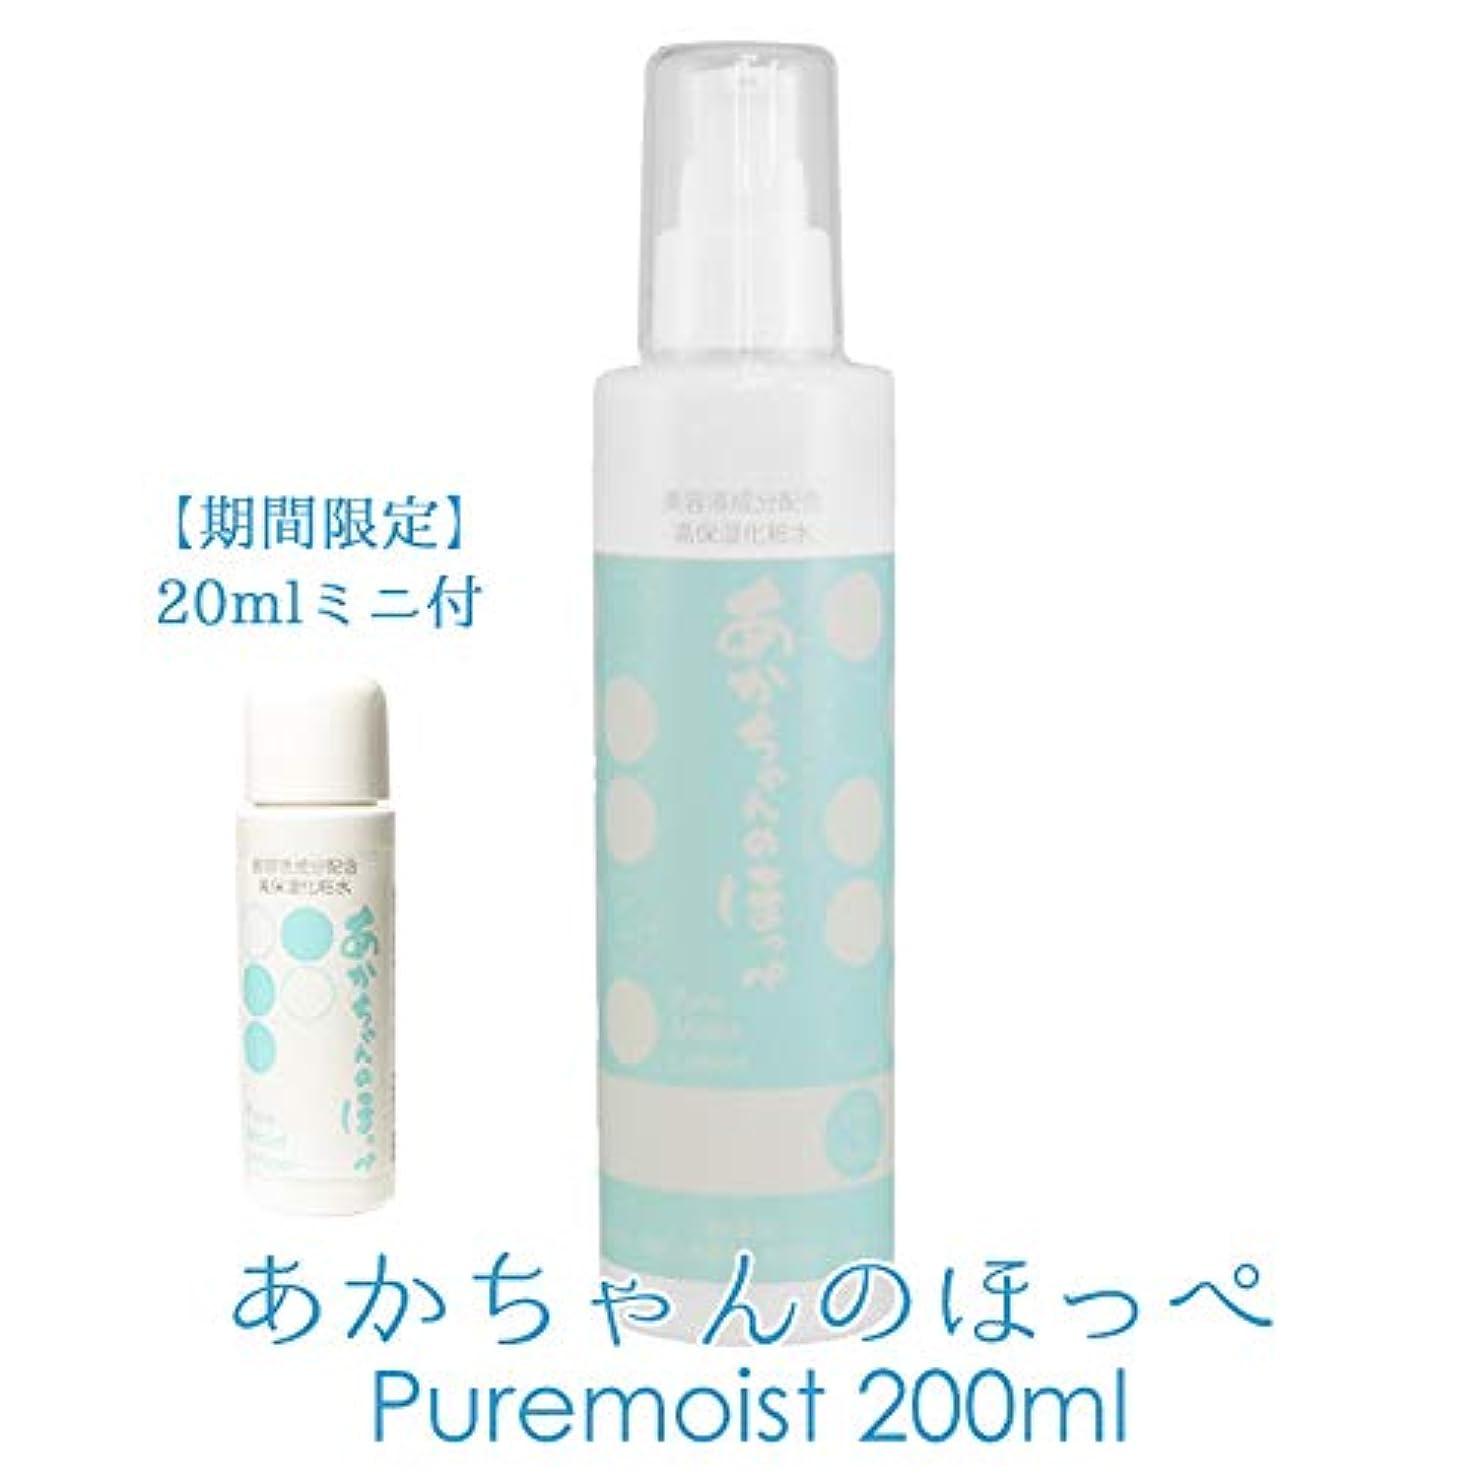 先駆者傾くパースブラックボロウ美容液からつくった高保湿栄養化粧水 「あかちゃんのほっぺ」 PureMoist 200ml 明日のお肌が好きになる化粧水